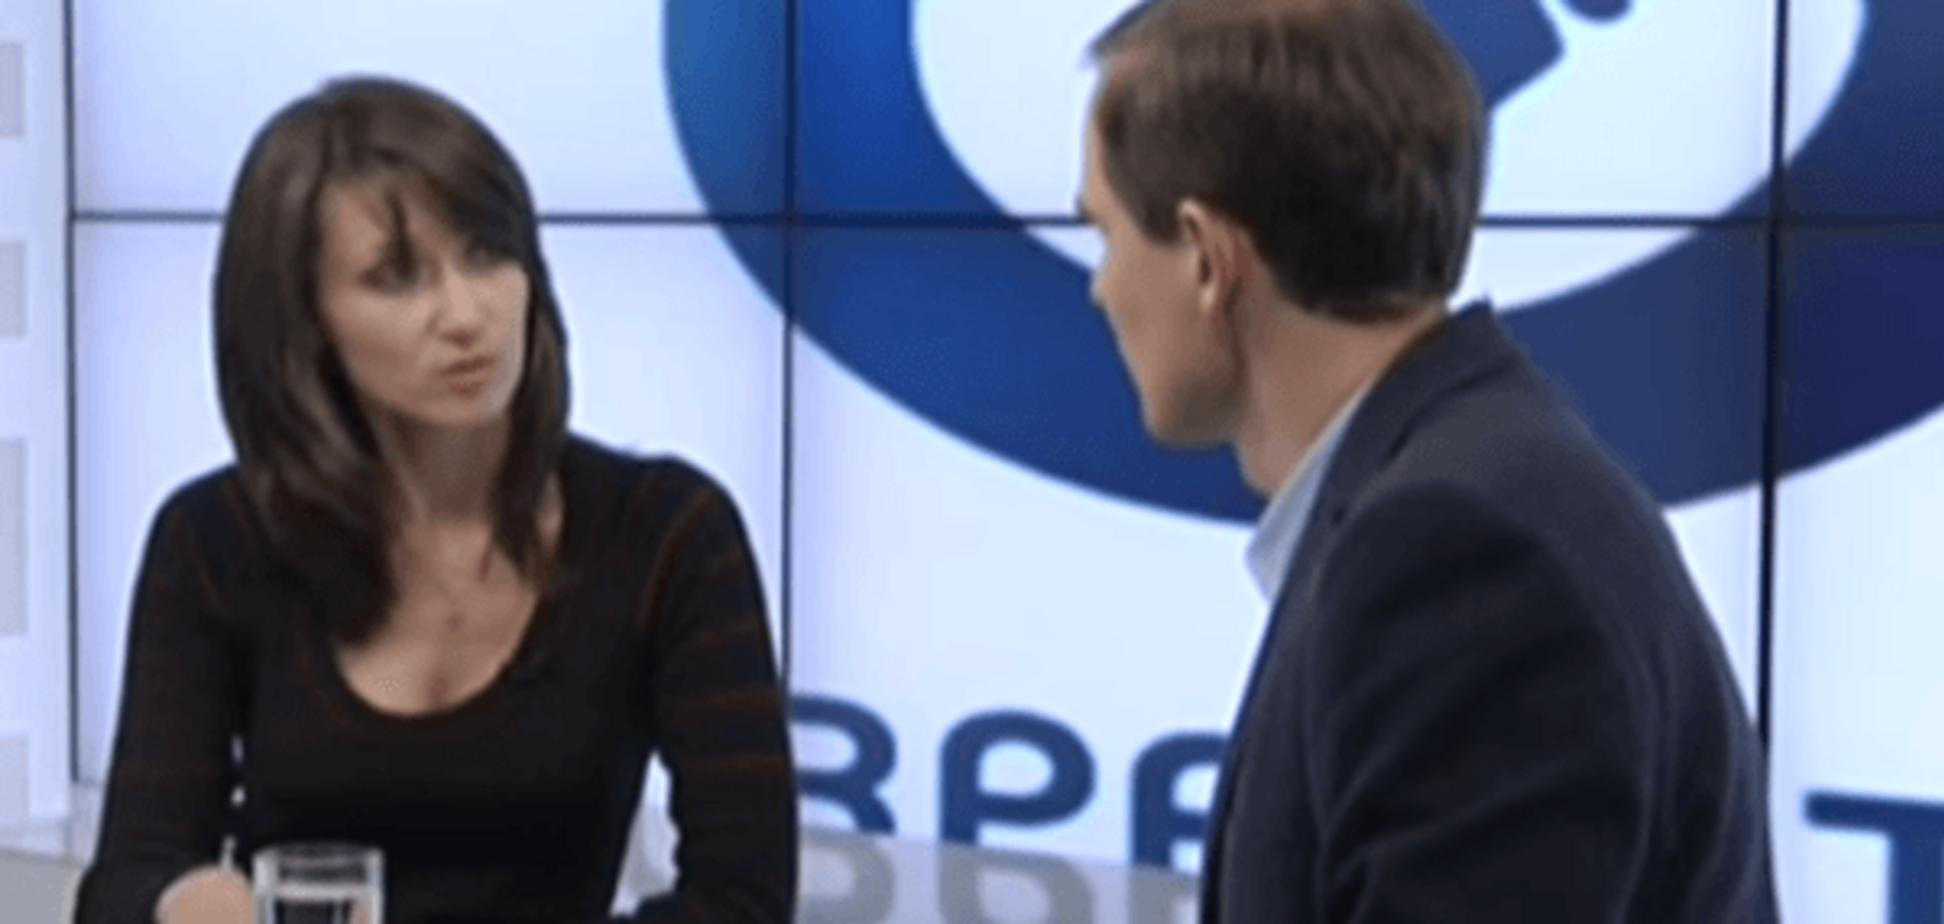 Врач объяснила, как самолечение женских болезней может привести к бесплодию